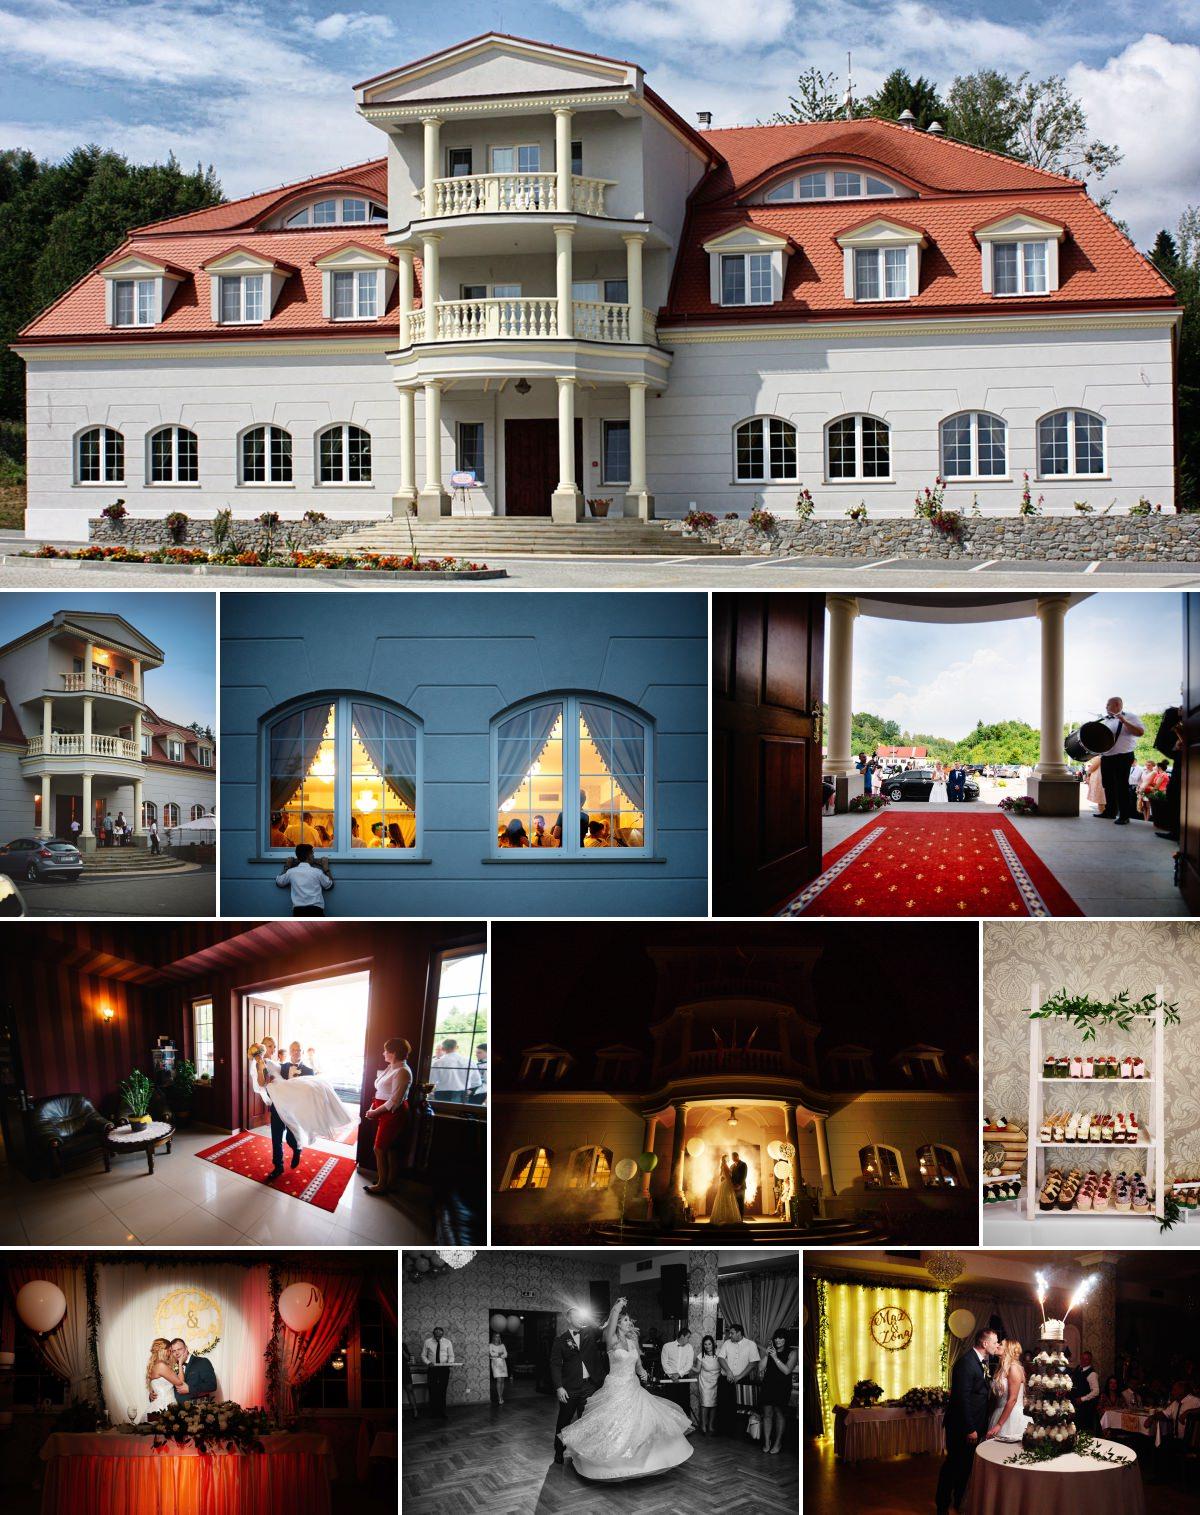 wesele w dworze maria antonina w gliniku zaborowskim